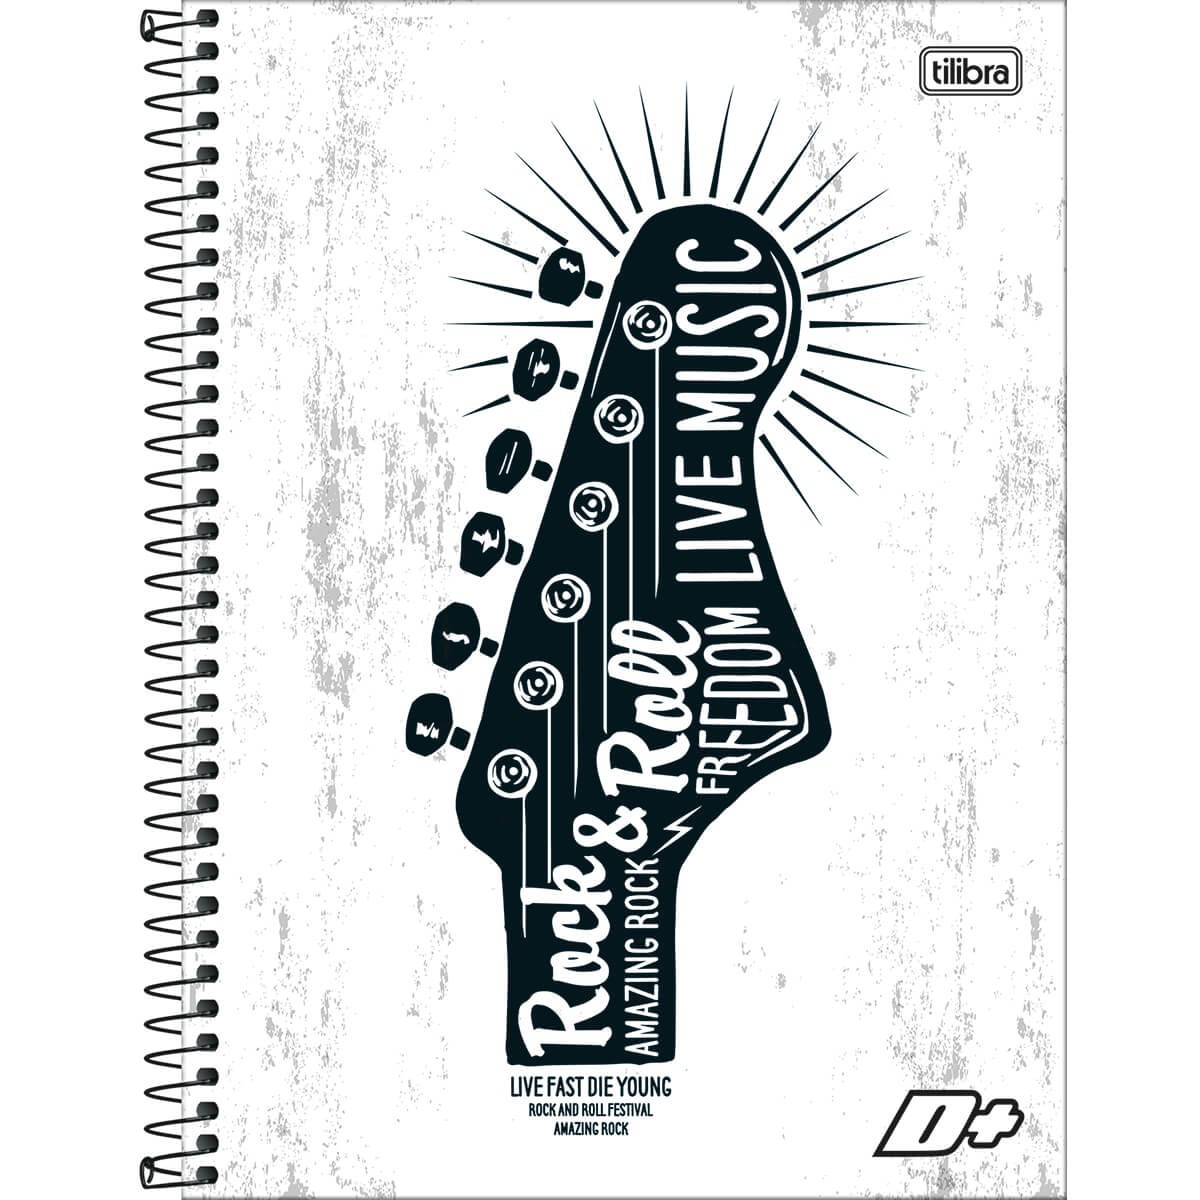 Caderno Espiral Capa Dura Universitário 10 Matérias D+ Masculino 200 Folhas (Pacote com 4 unidades) - Sortido